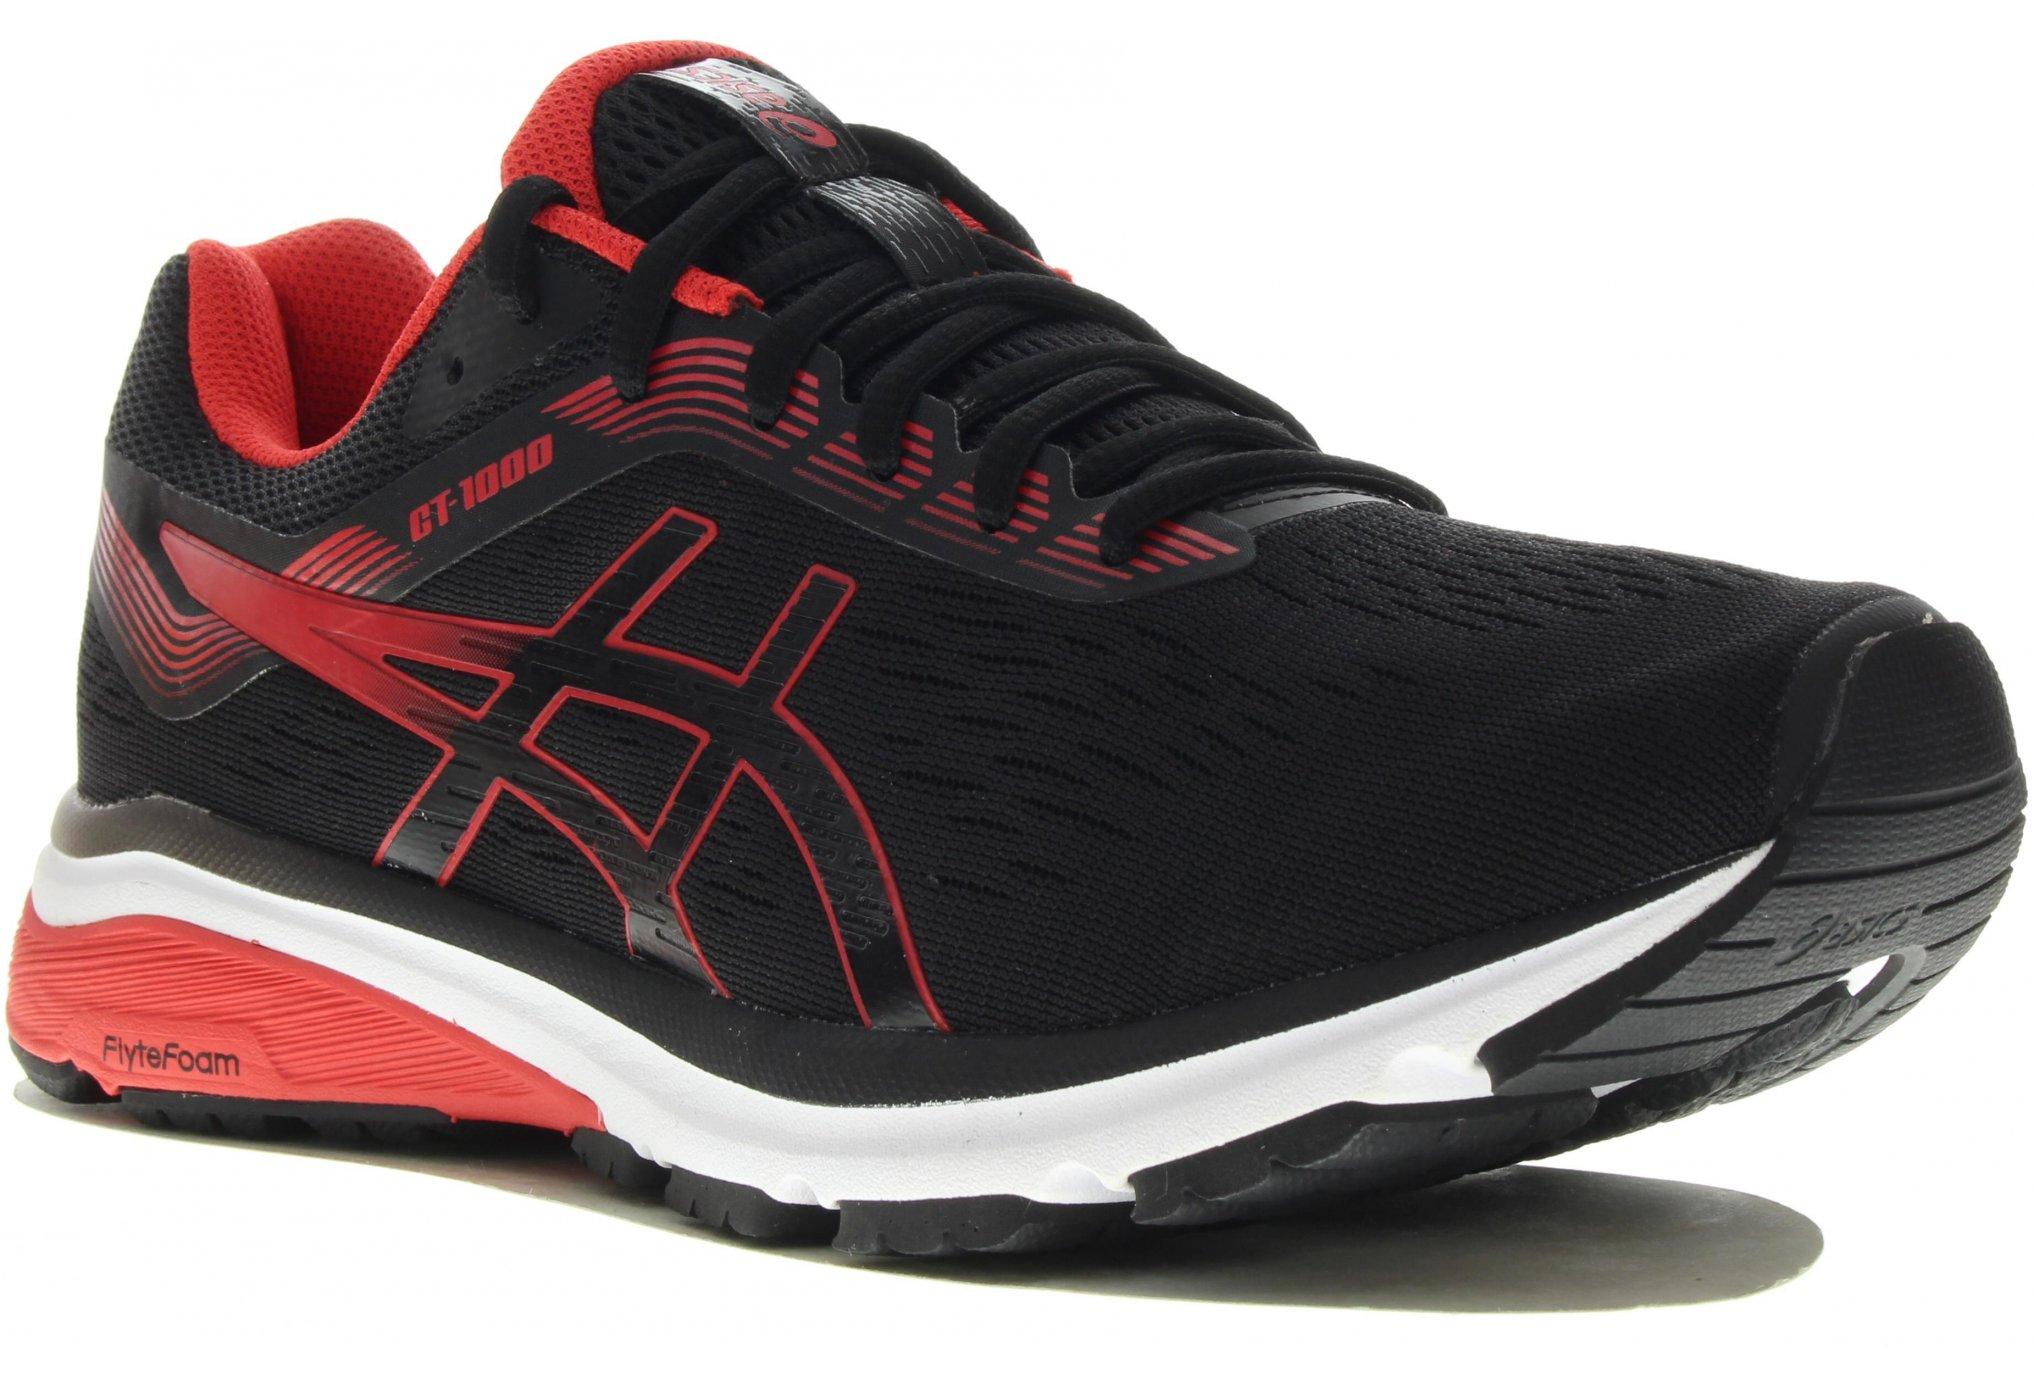 Achat de chaussures de sport adulte homme perméable rouge